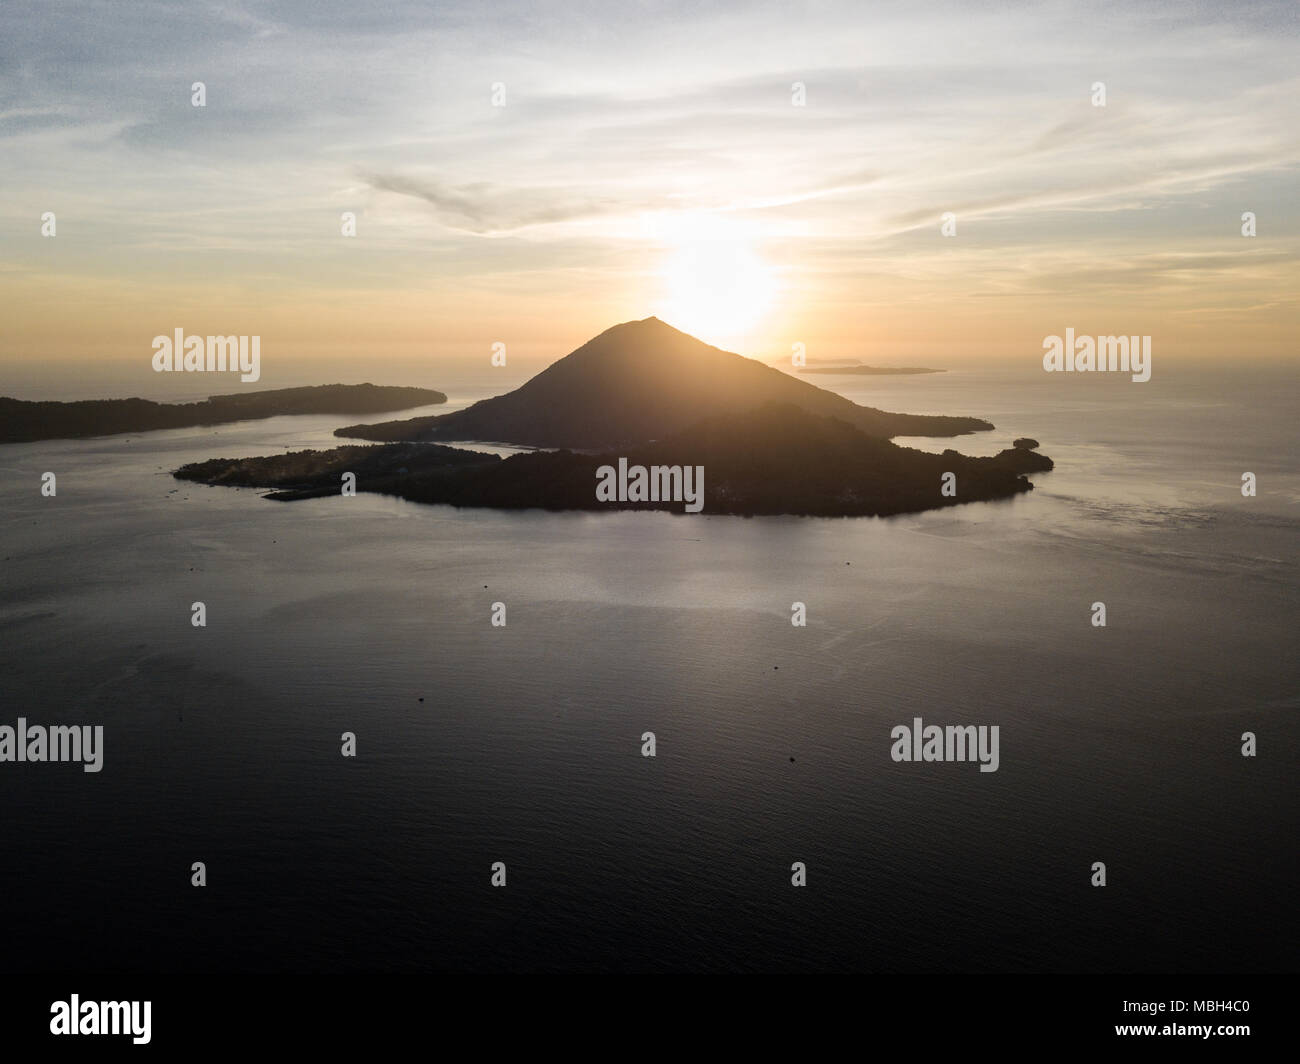 Il sole tramonta dietro Banda Neira, un vulcano attivo nella banda del mare. Questa regione è nel triangolo di corallo e presenta una elevata biodiversità marina. Immagini Stock